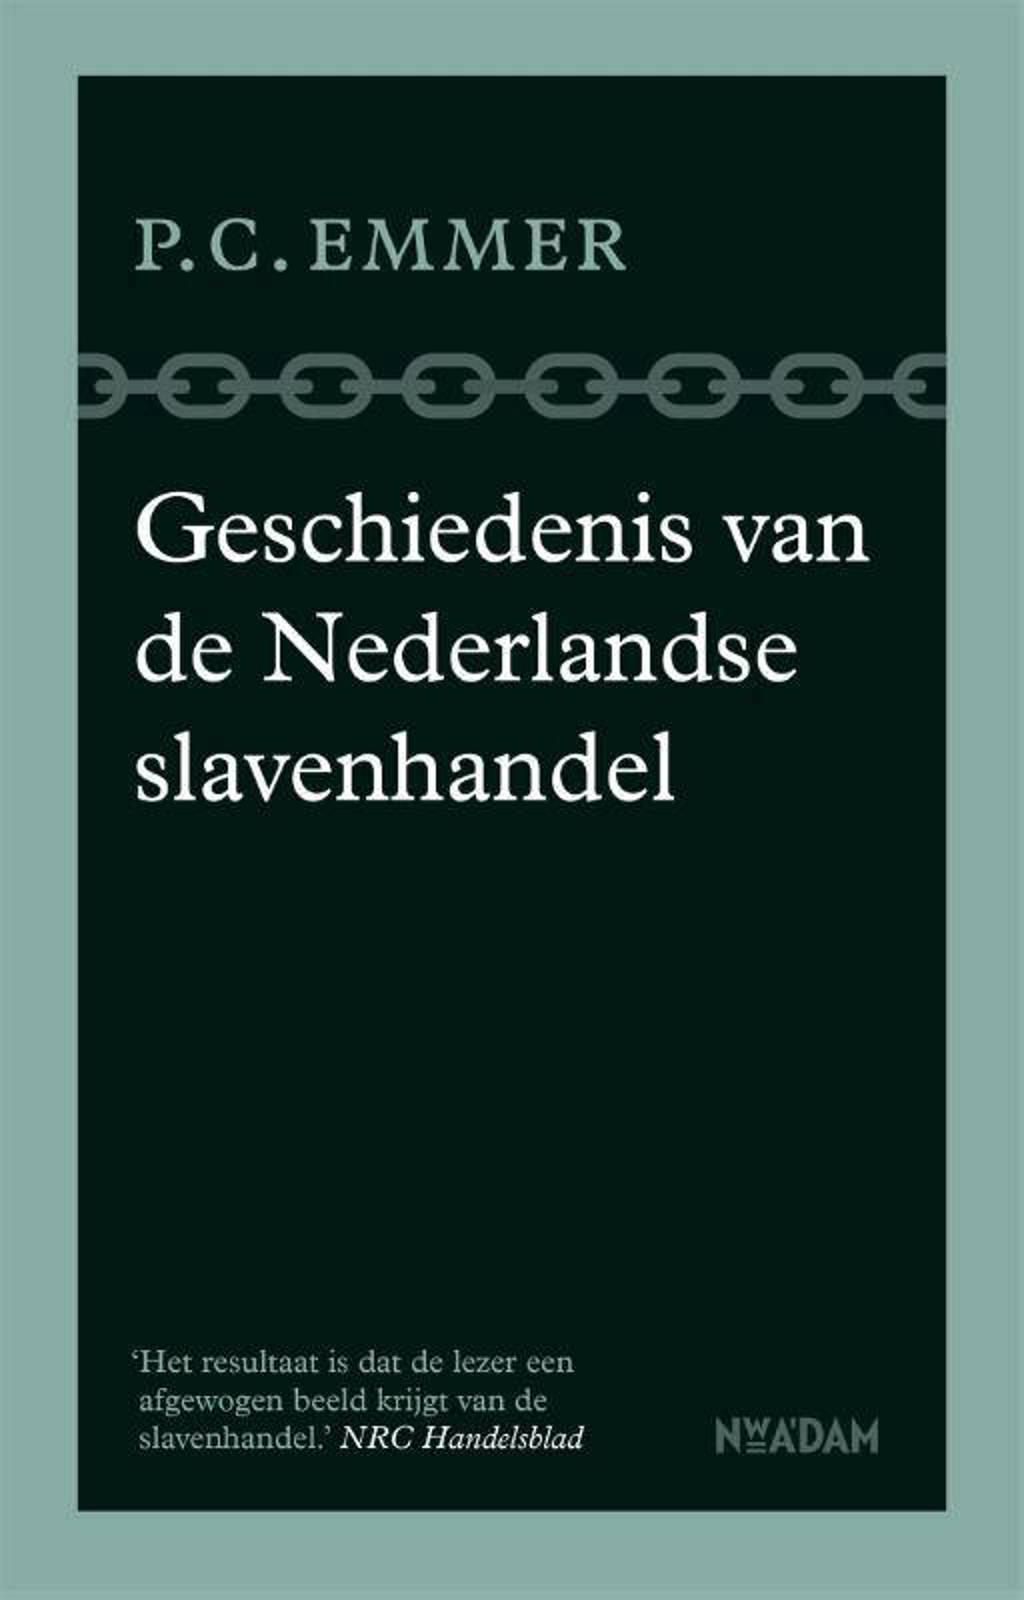 Geschiedenis van de Nederlandse slavenhandel - Piet Emmer